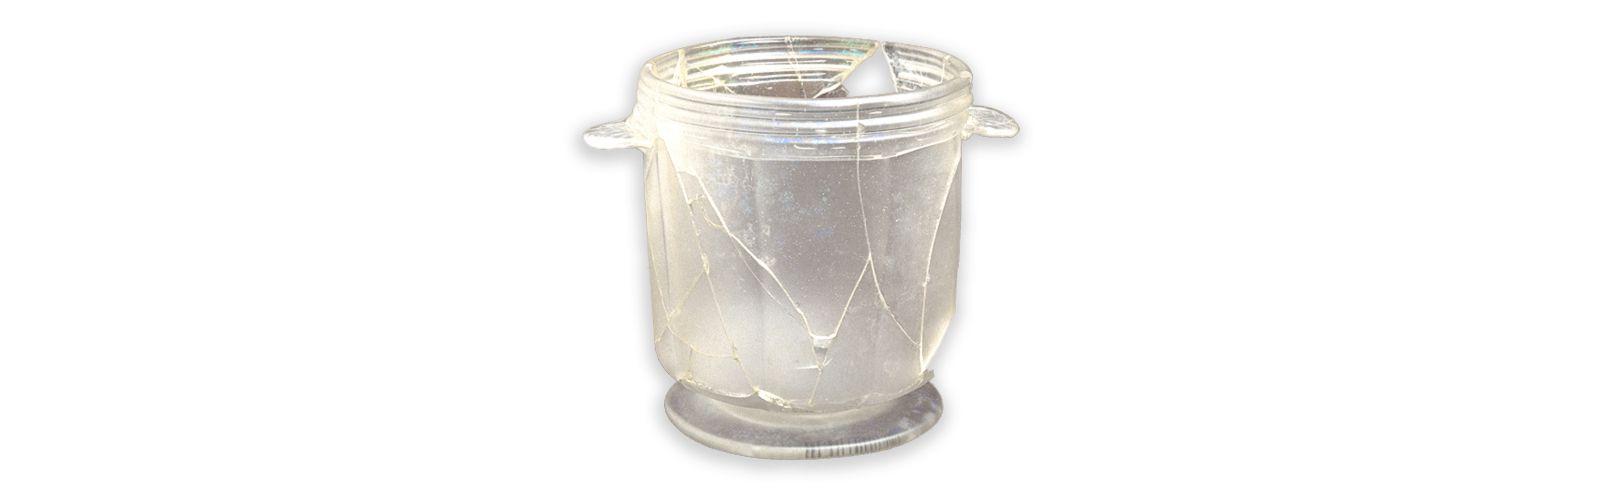 Rafraîchissoir à verreMCC/LRAQ, photo: Marc-André GrenierLatrines de la maison Perthuis. Vers 1699-1750Verre incolore demi-plomb, Hollande. Le vin frais servi à table est signe d'aisance matérielle d'où l'emploi de rafraîchissoirs de cristal remplis d'eau fraîche ou de glace.